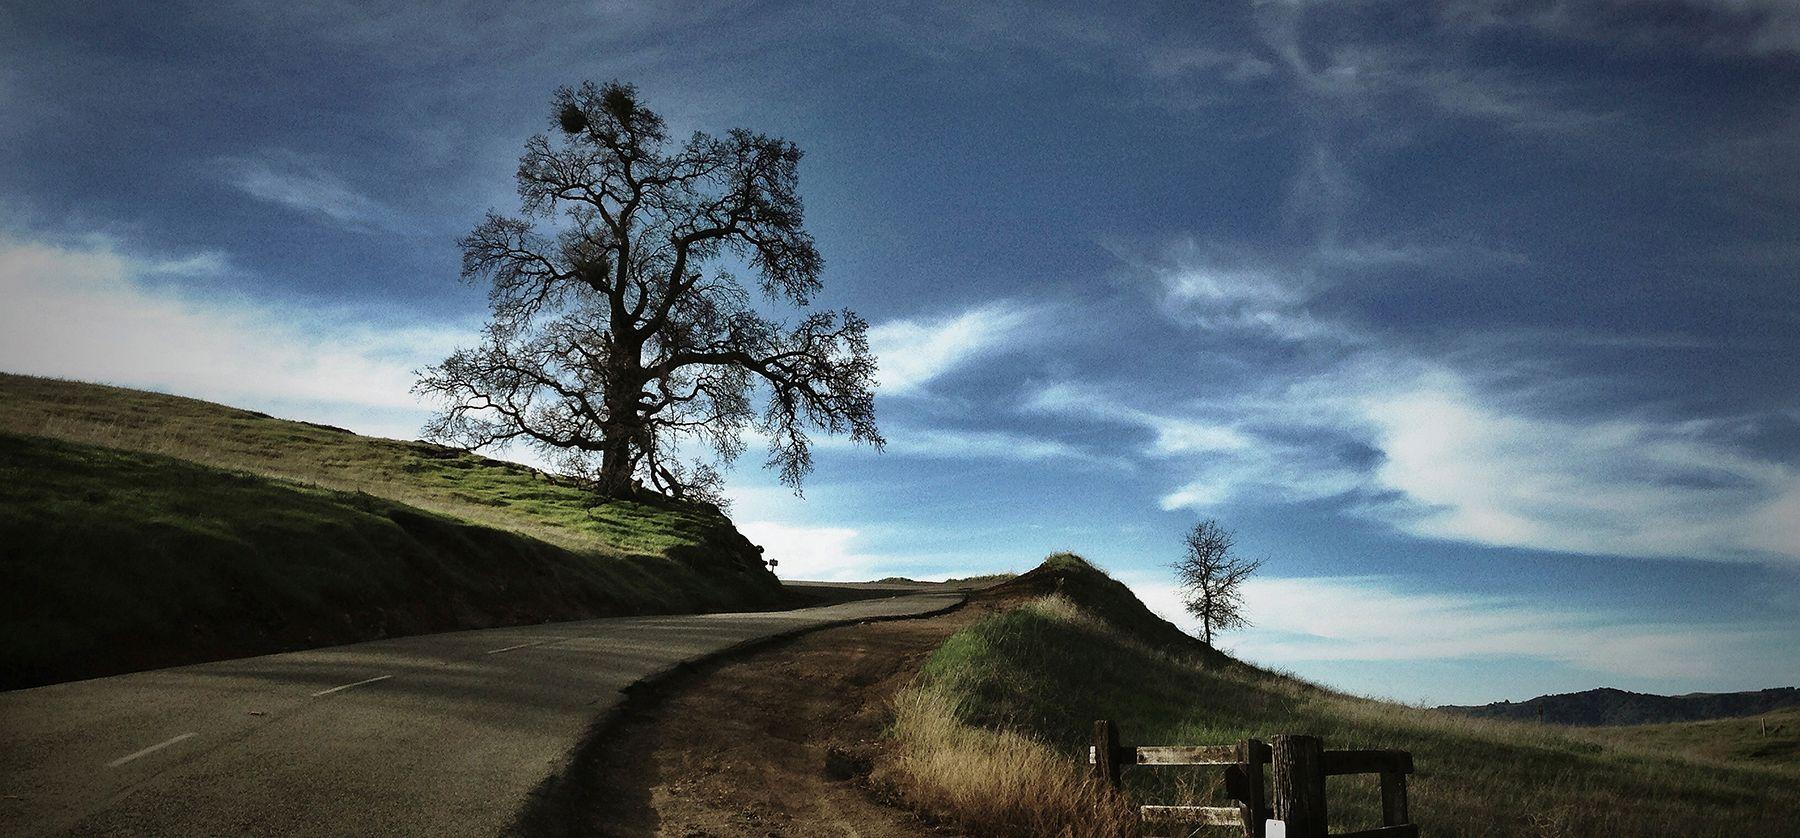 ROADSIDE TREE.jpg